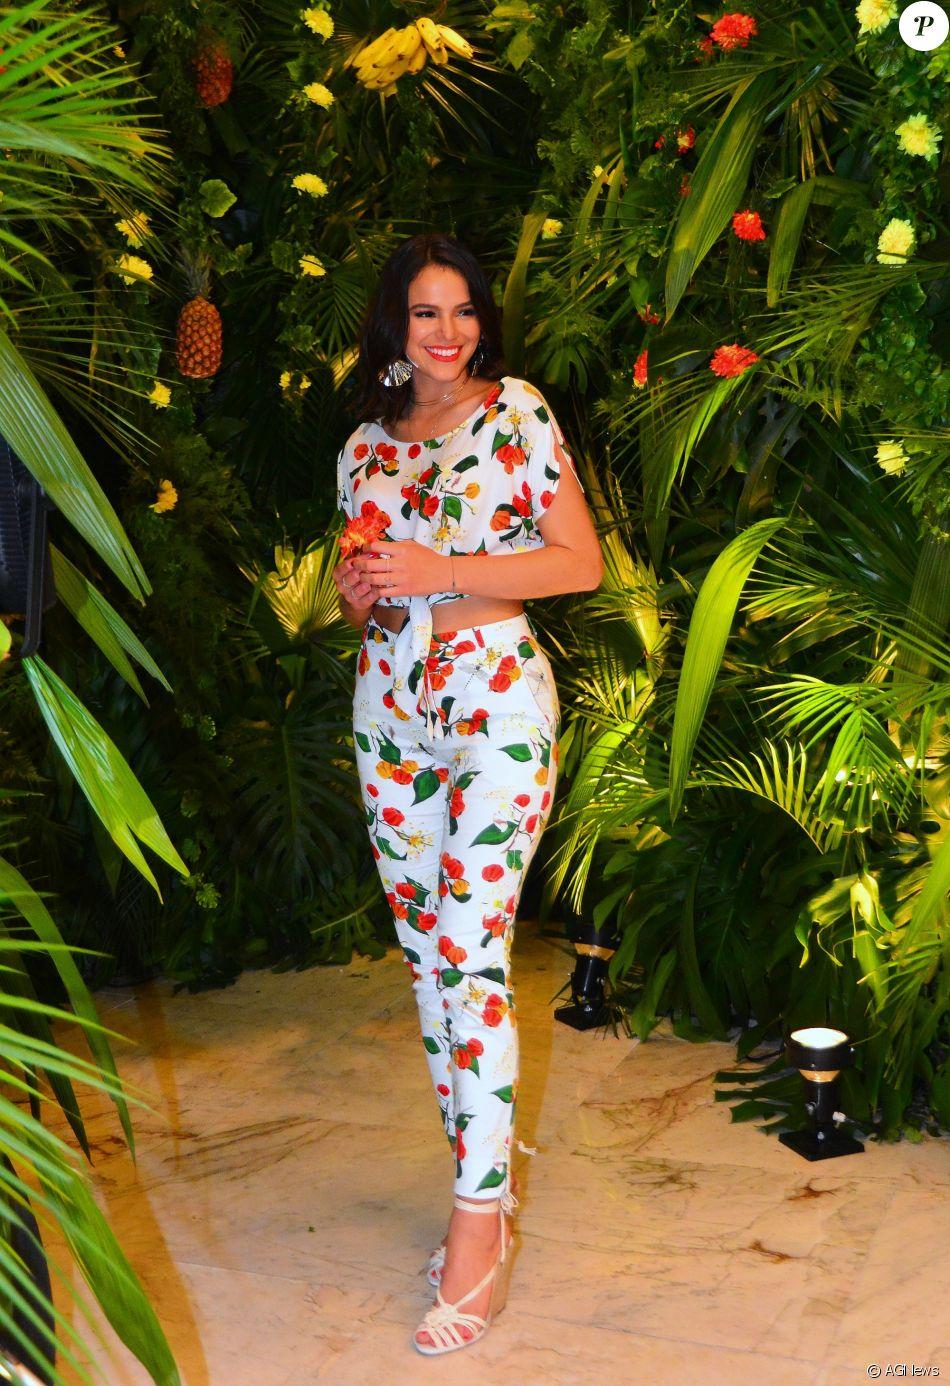 Bruna Marquezine deverá ser a vilã da novela 'O Sétimo Guardião', trama prevista para estrear em 2018 © AGNews